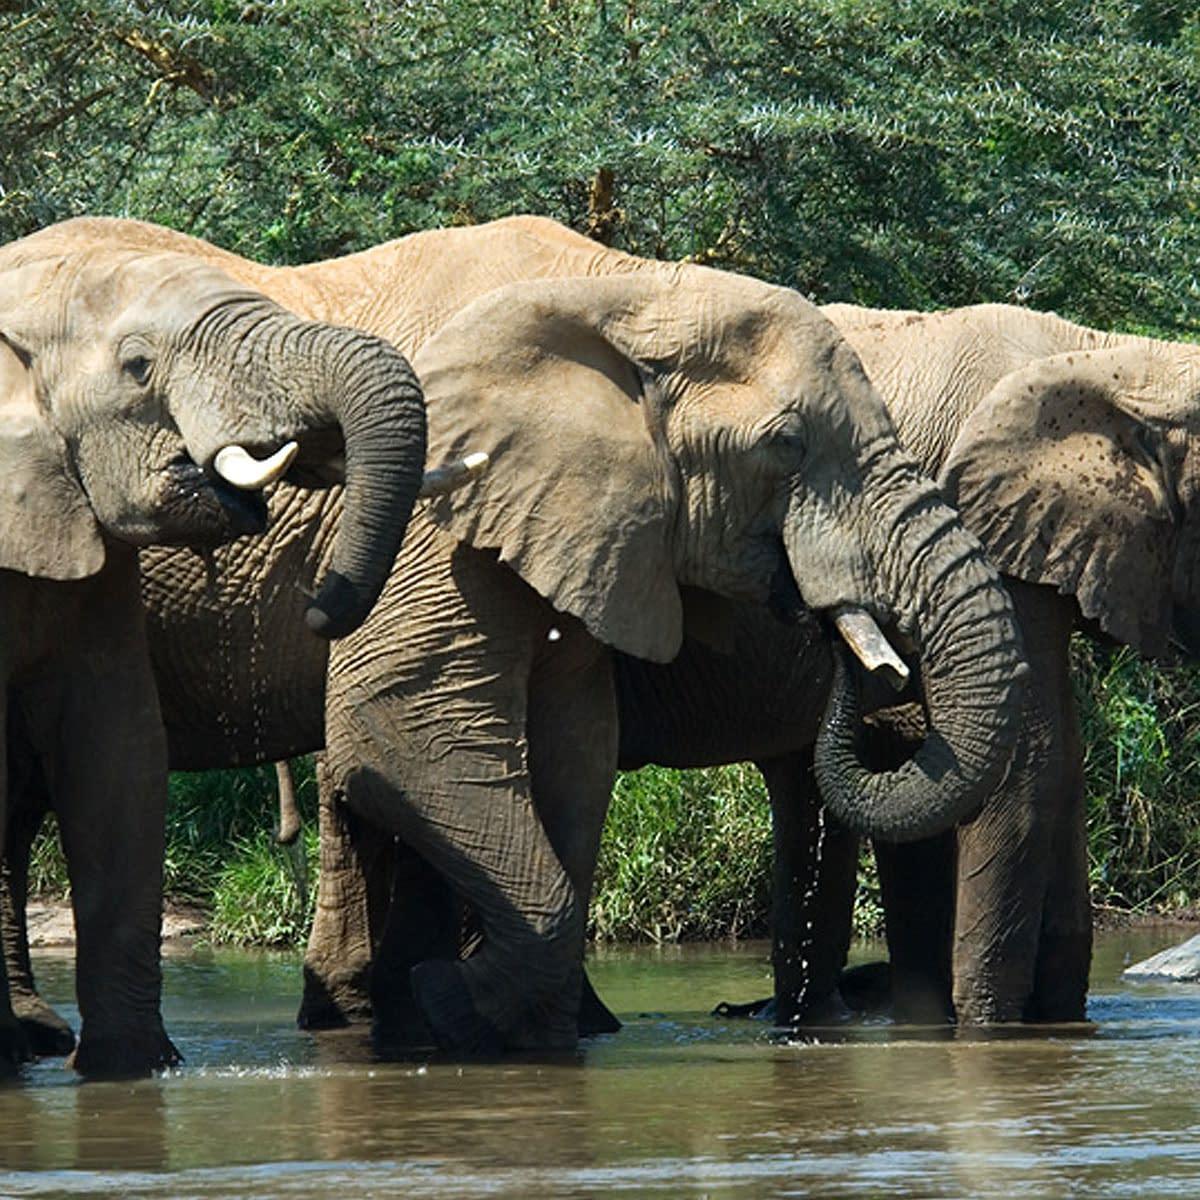 3 elephants drinking from the waterhole